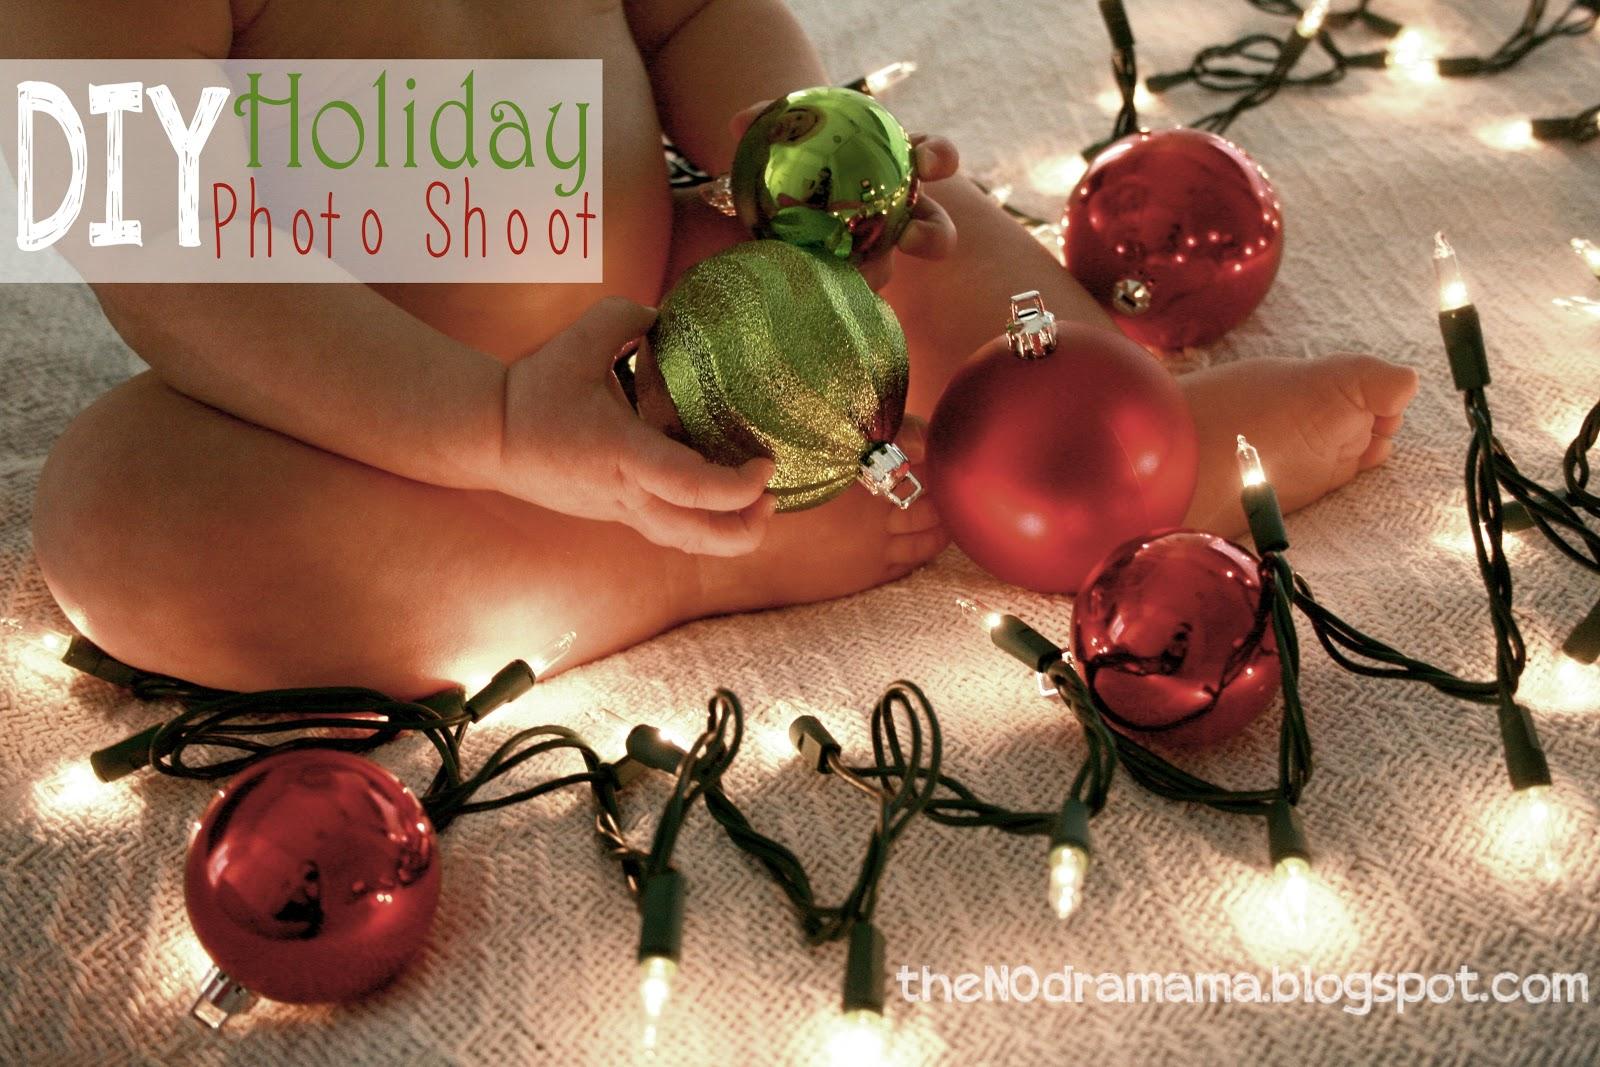 Diy Christmas Photoshoot Gav Ro